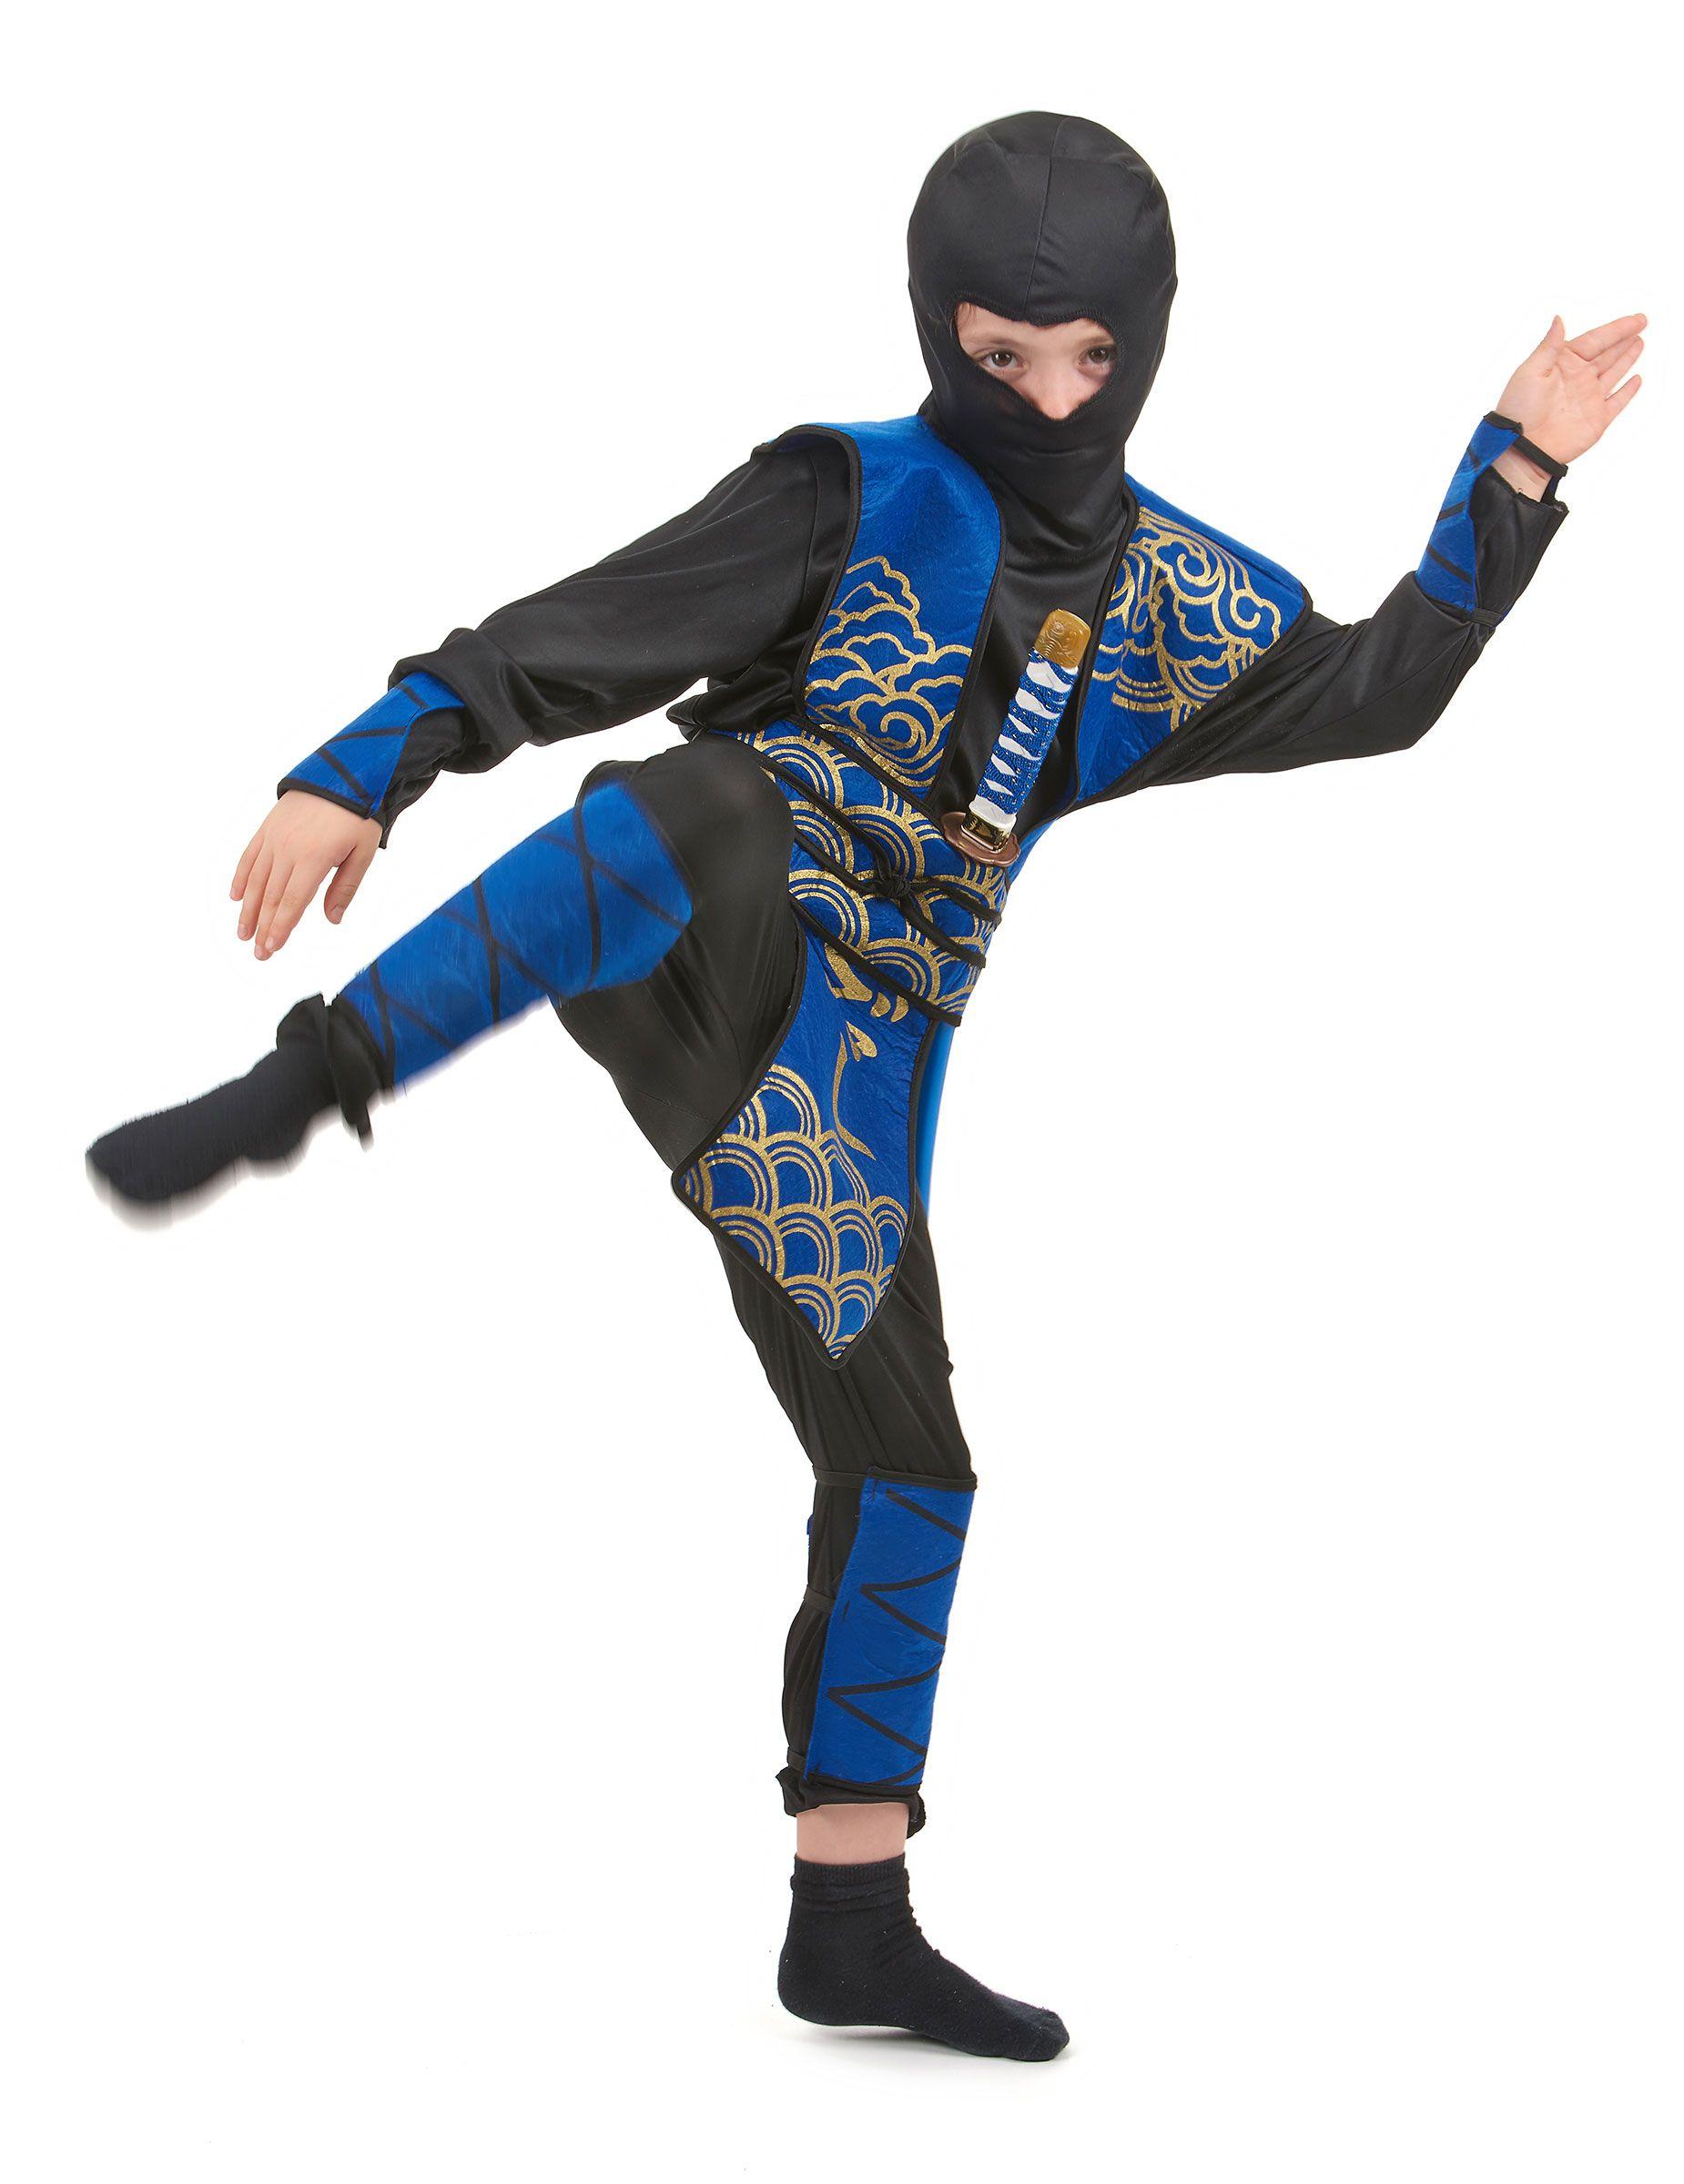 ninja jungen kost m blau schwarz goldfarben kost me. Black Bedroom Furniture Sets. Home Design Ideas